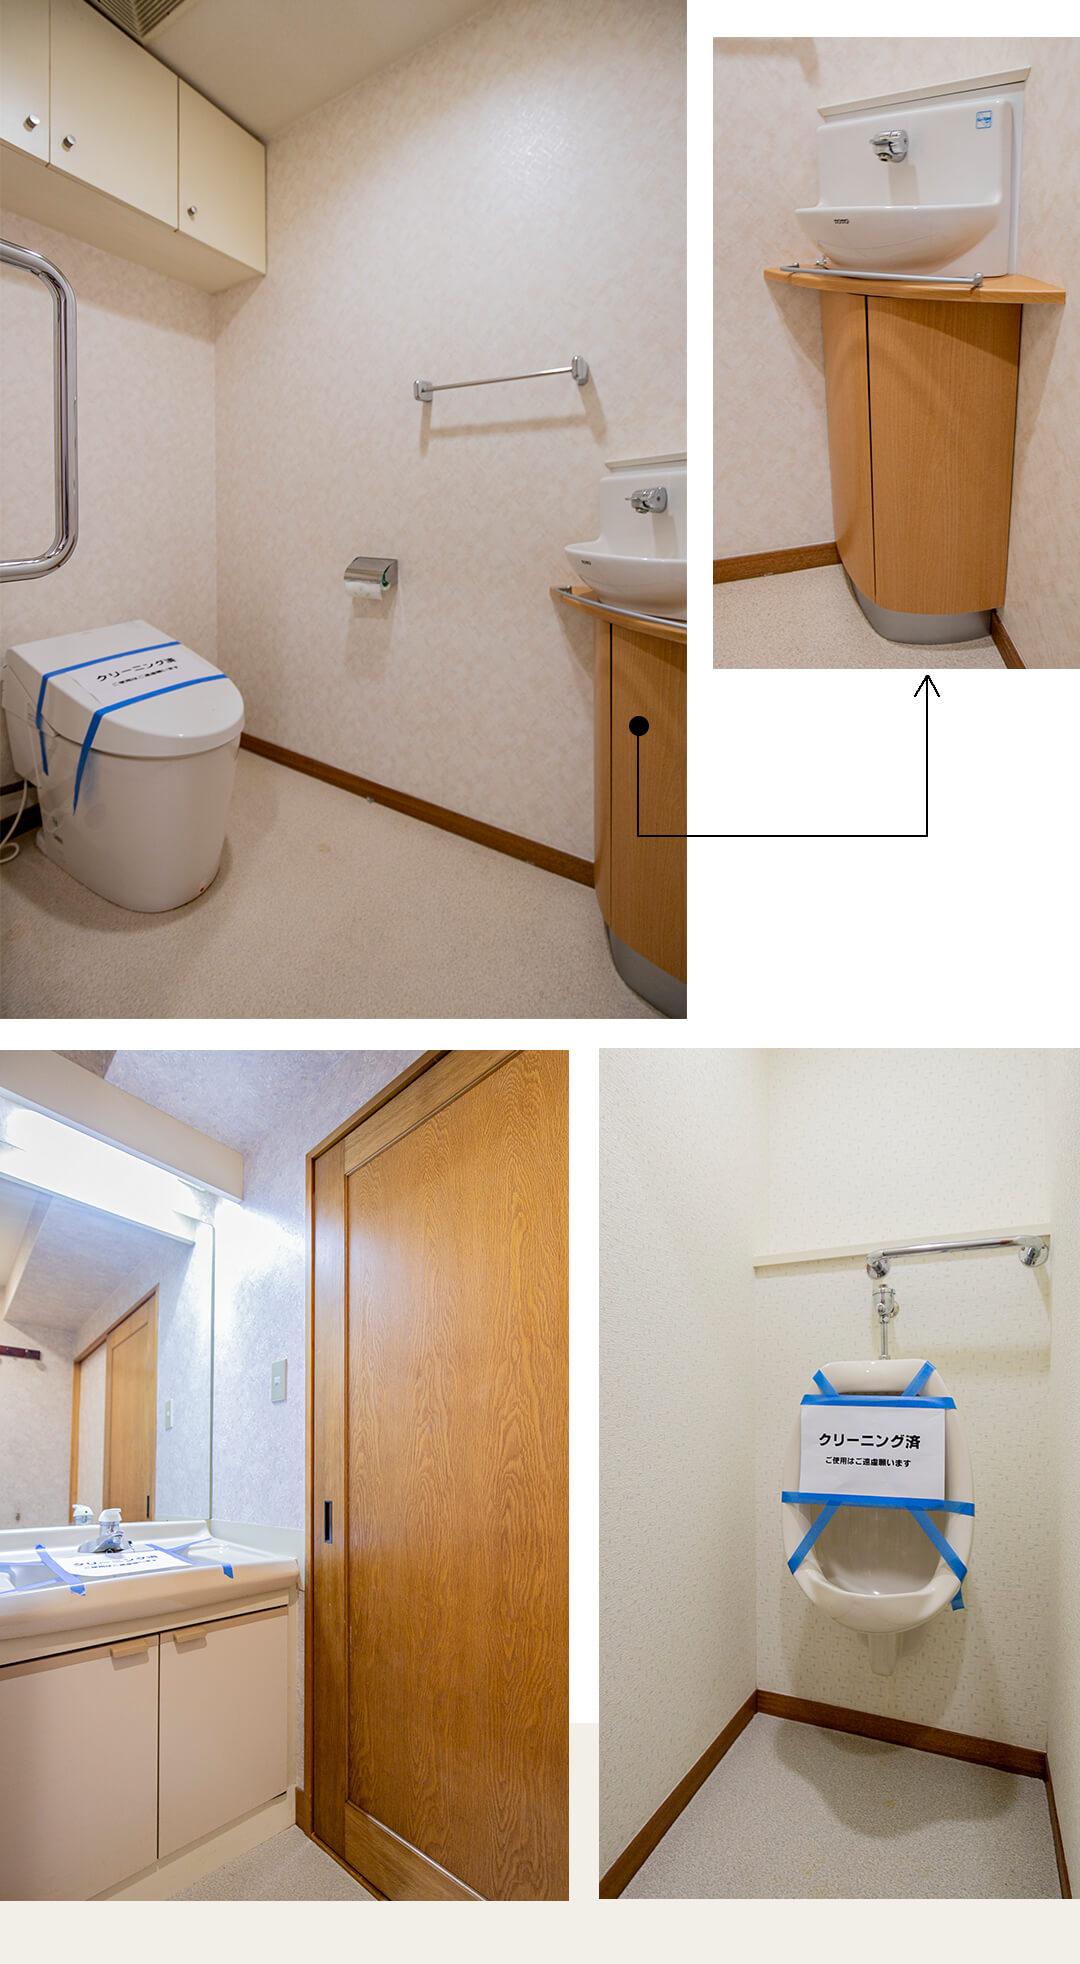 パールグリーン新宿のトイレ